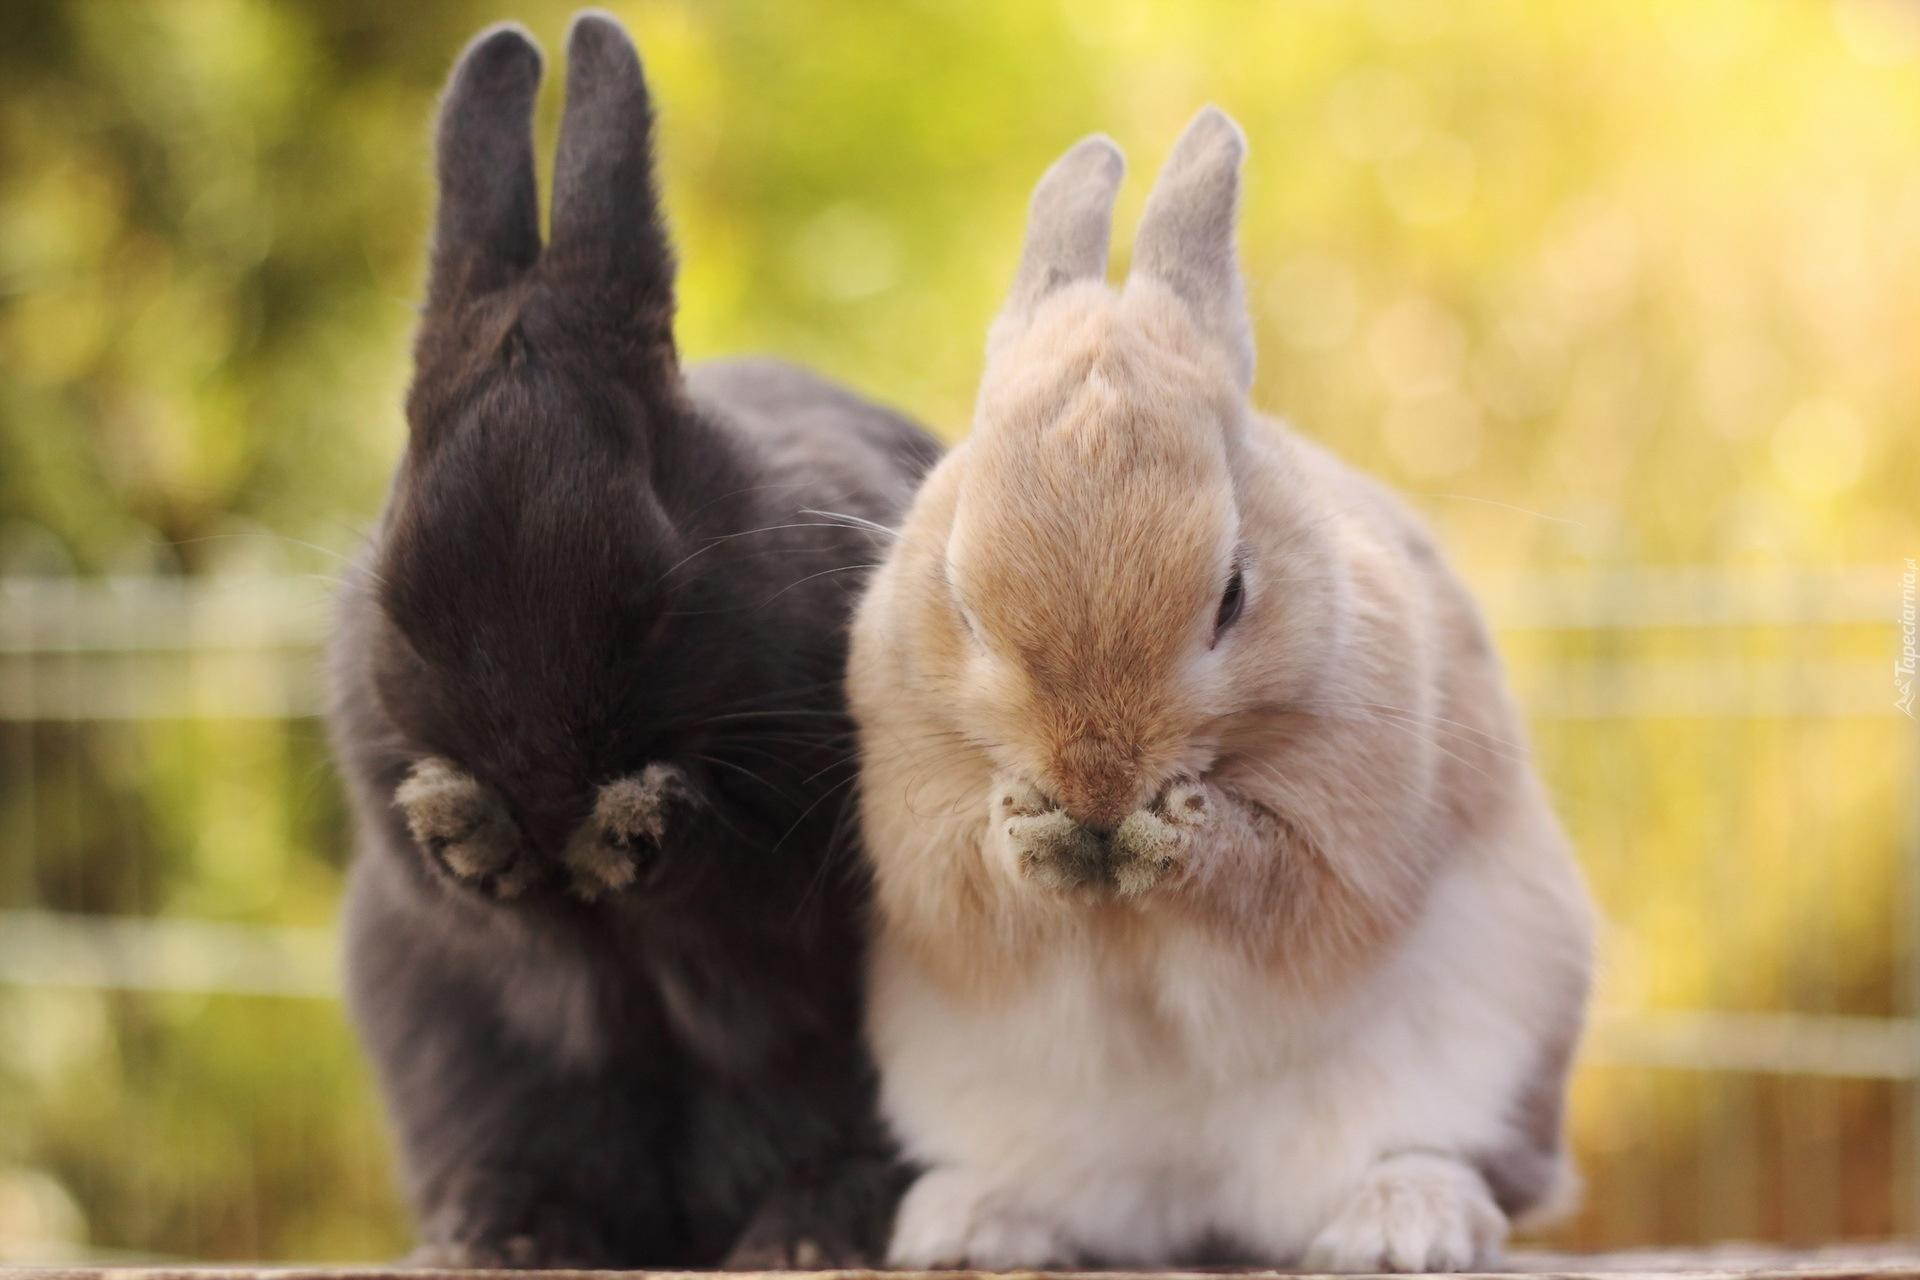 Cute White Rabbit Wallpapers For Desktop: Dwa, Króliczki